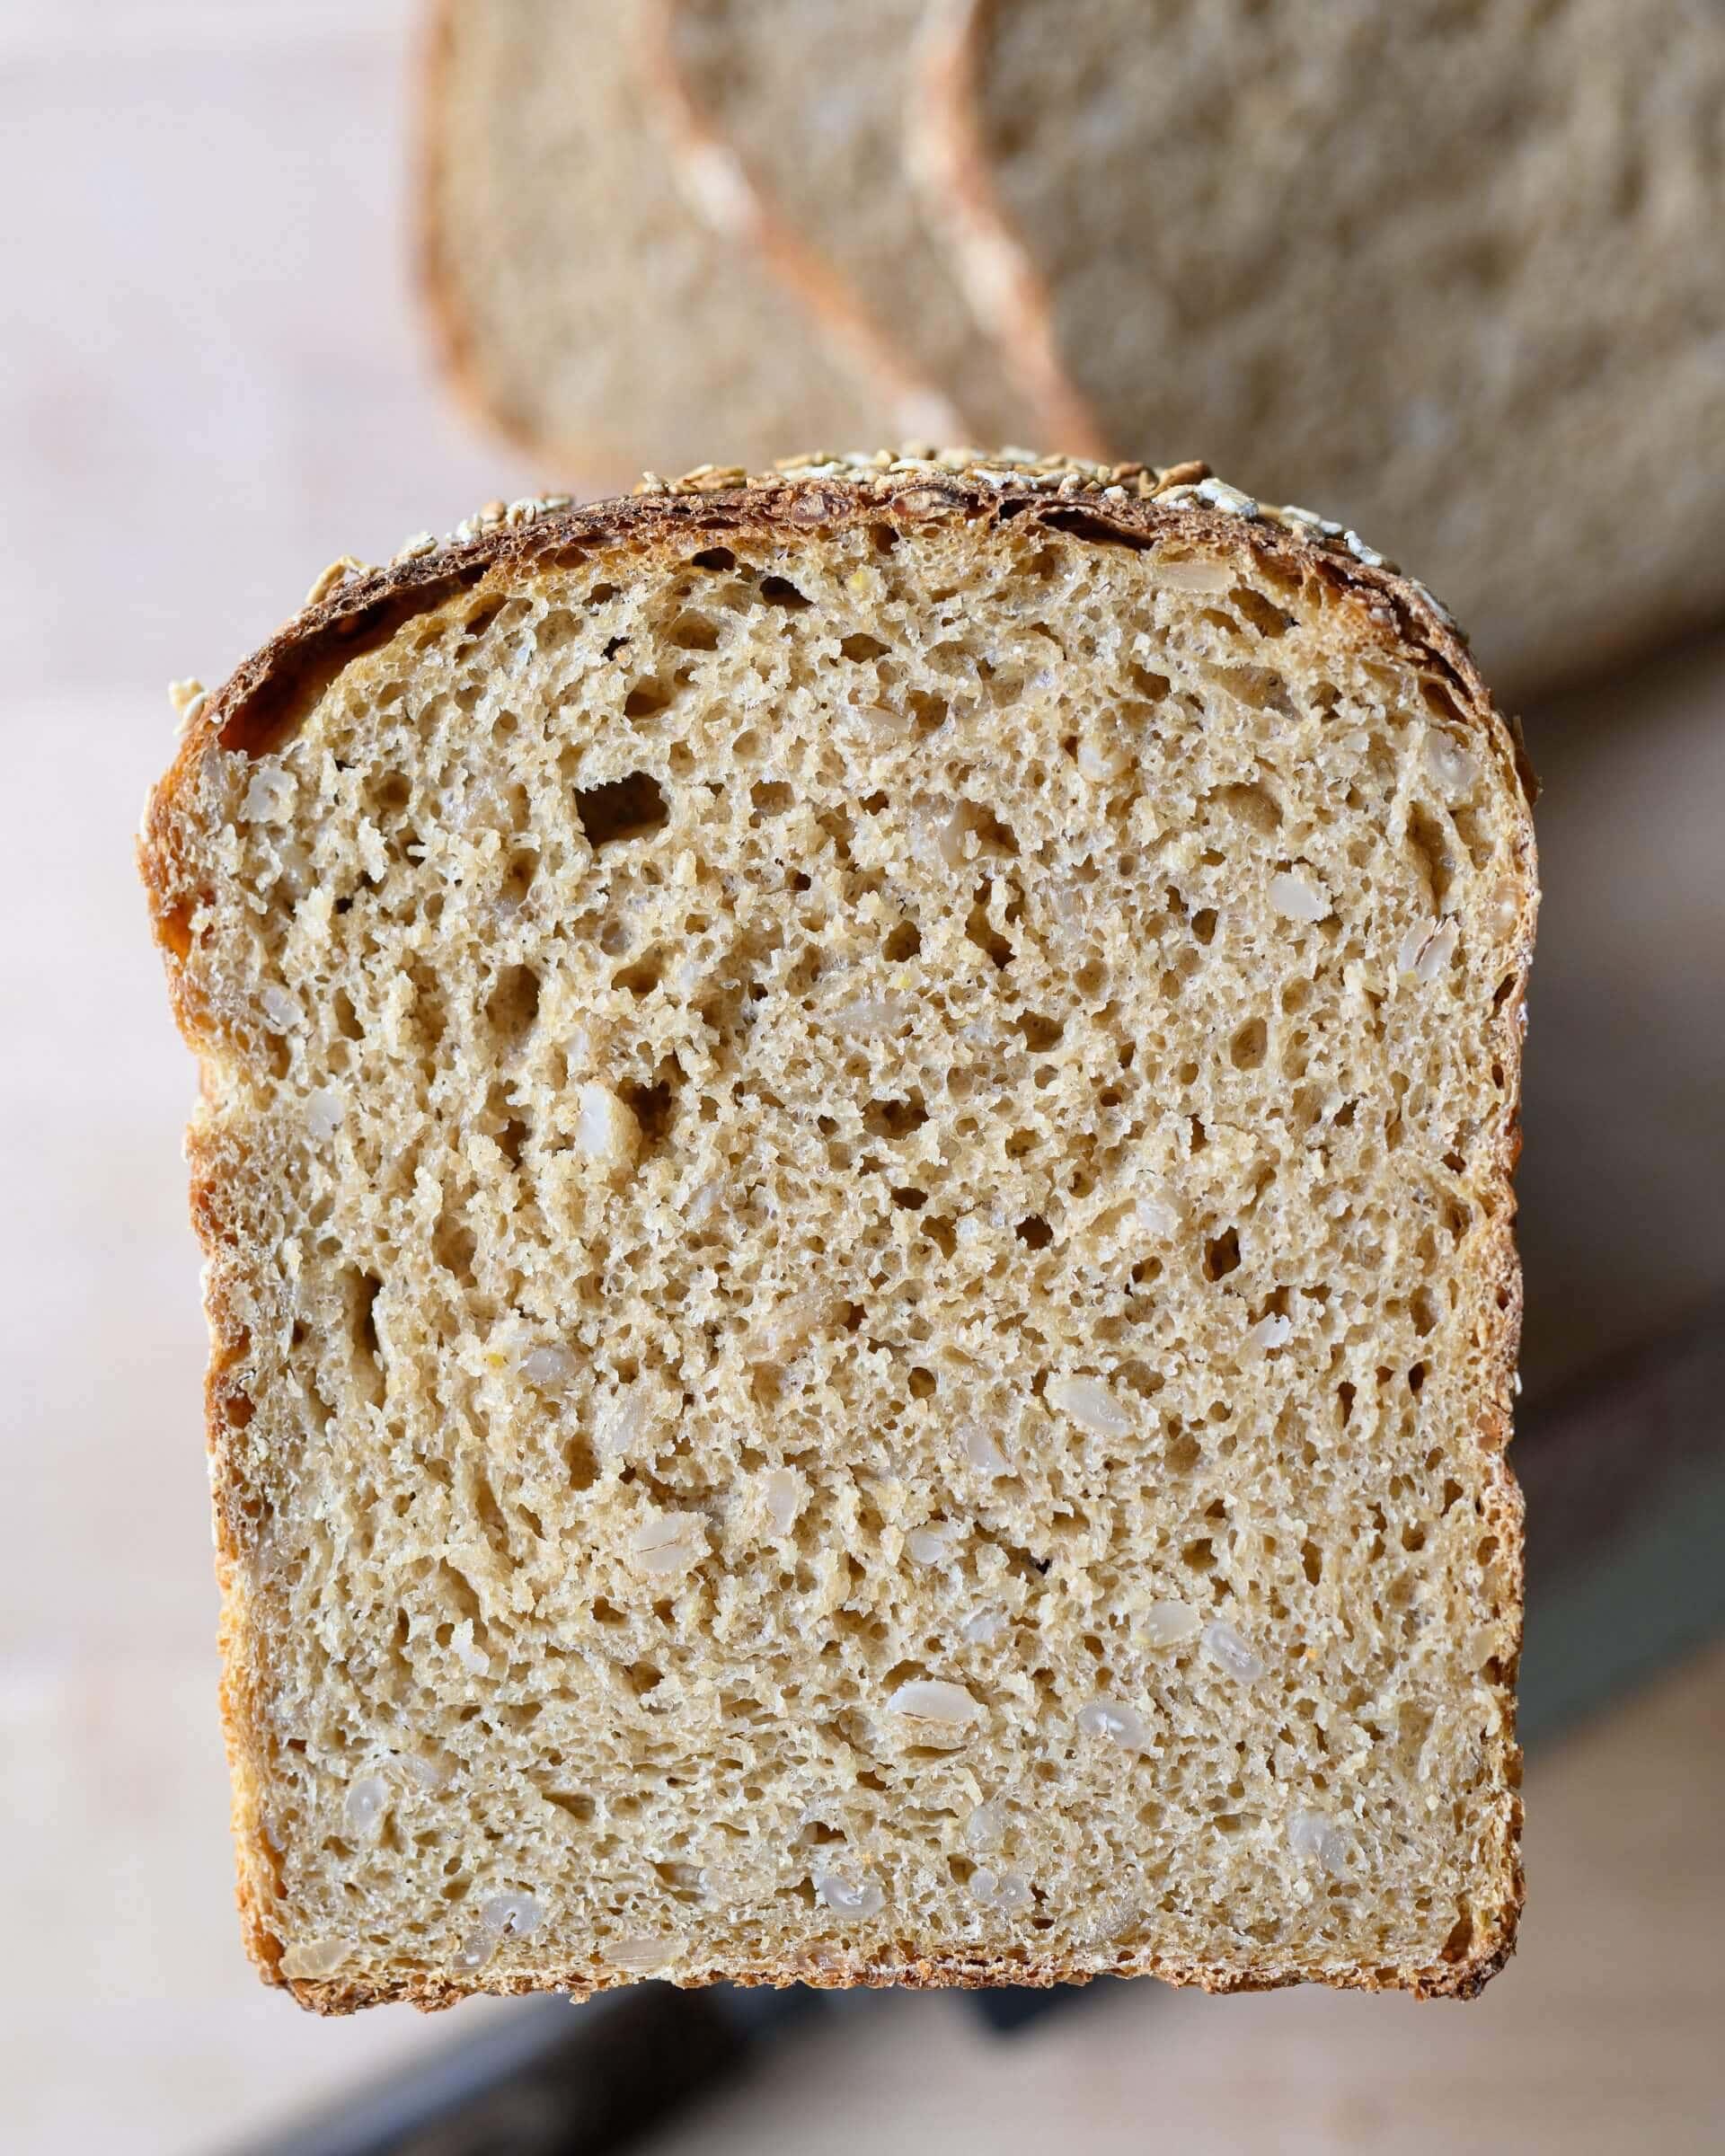 Honey whole wheat and barley pan loaf crumb (interior)